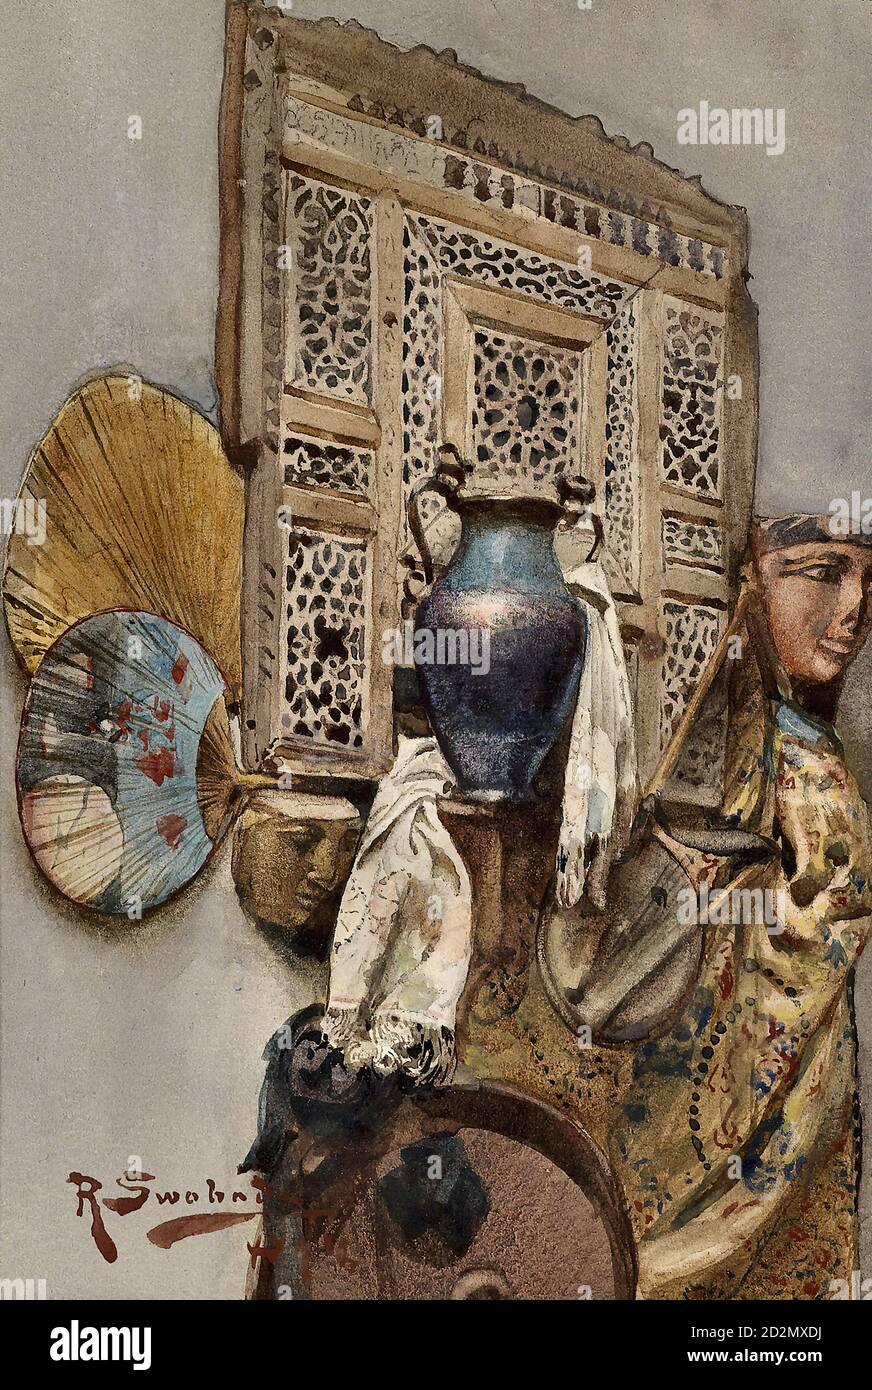 Swoboda II Rudolf - encore la vie avec des objets orientaux - École autrichienne - 19e siècle Banque D'Images